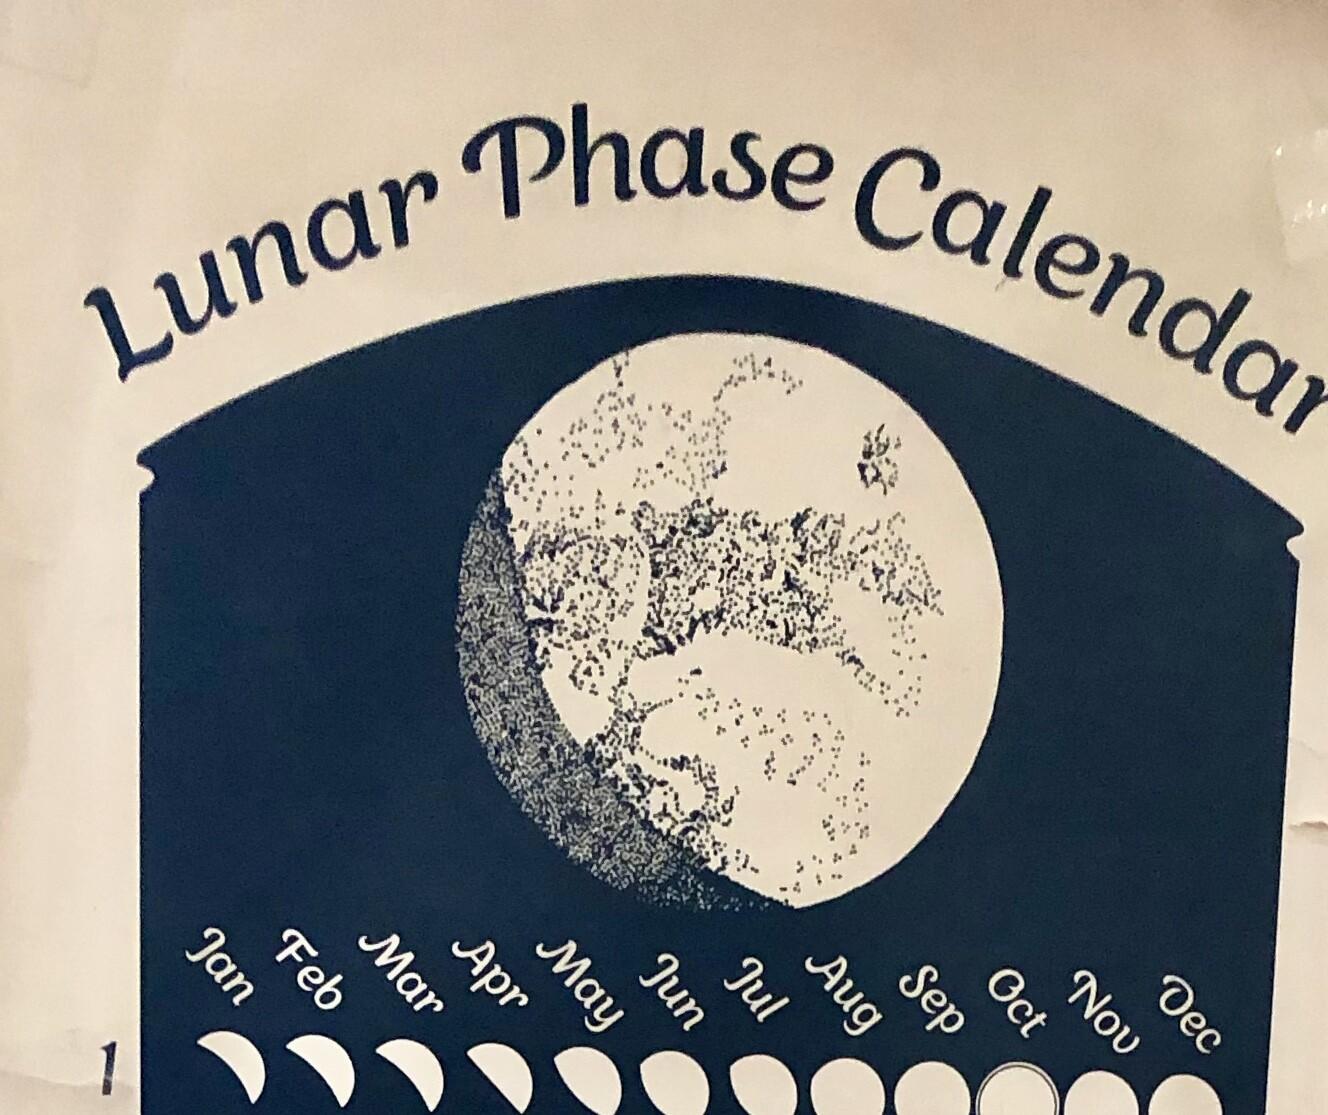 Original Lunar Phase Calendar 2020